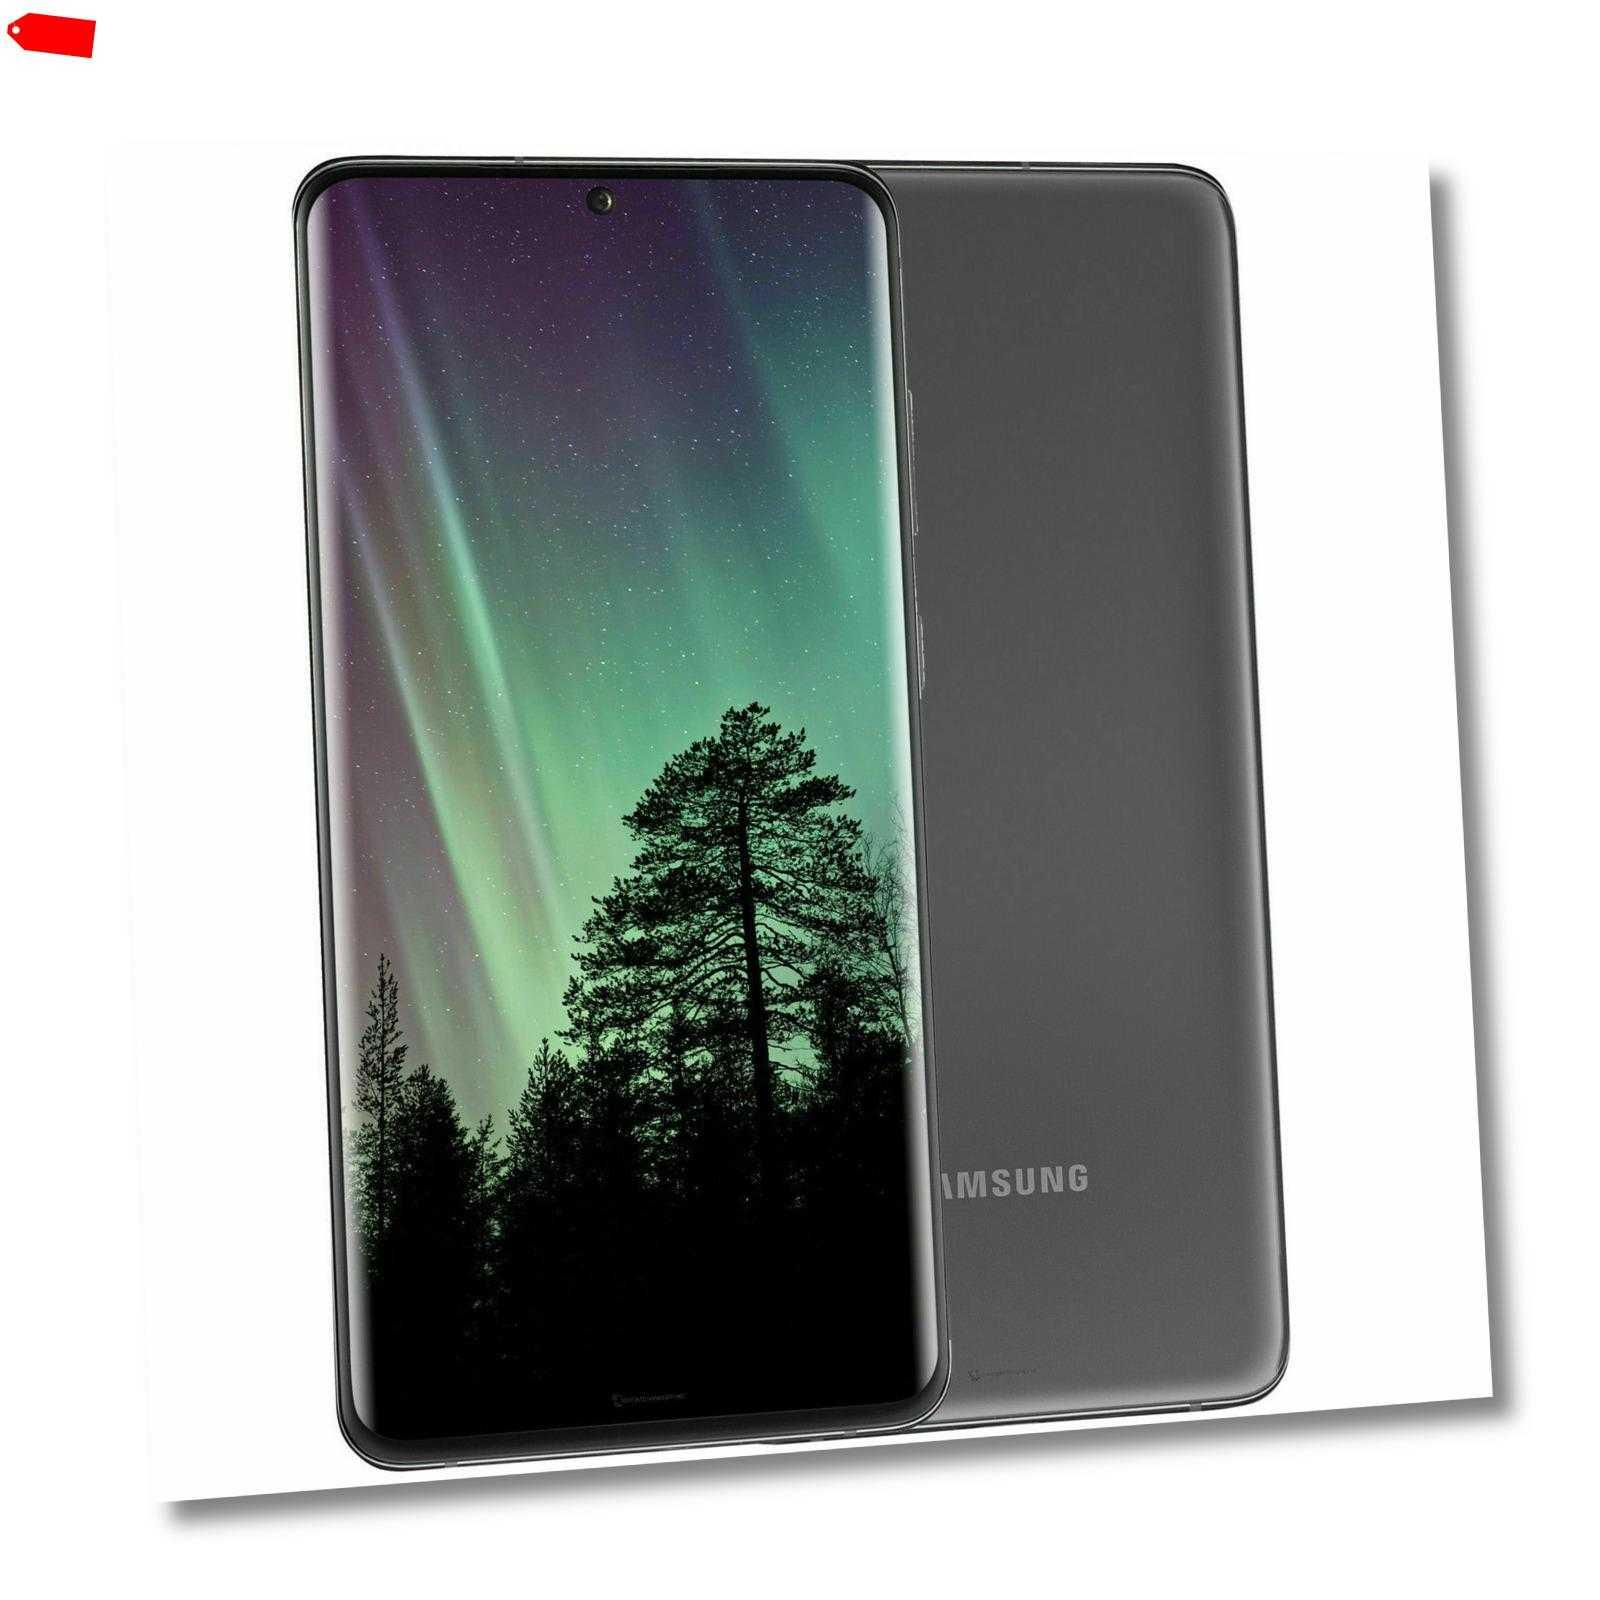 Samsung Galaxy S20 Plus 5G 128GB Cosmic Gray Grau Dual SIM S20+...